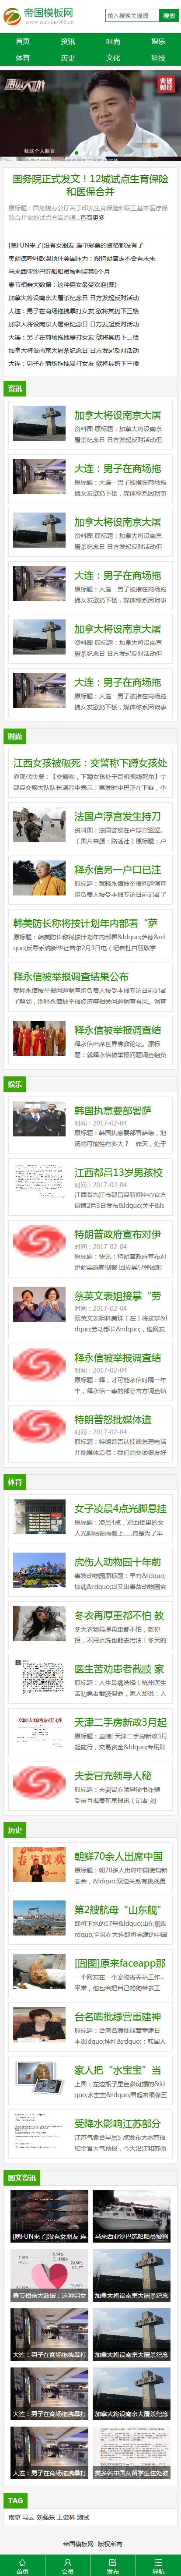 帝国cms新闻资讯类手机站网站模板_首页